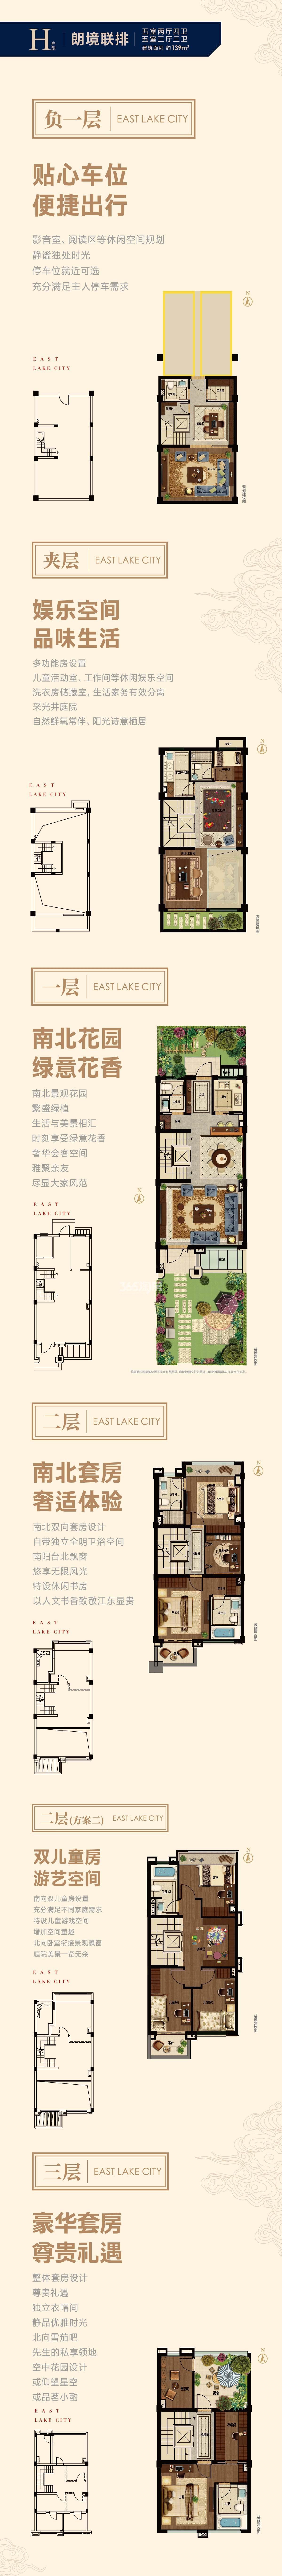 旭辉宝龙东湖城户型图